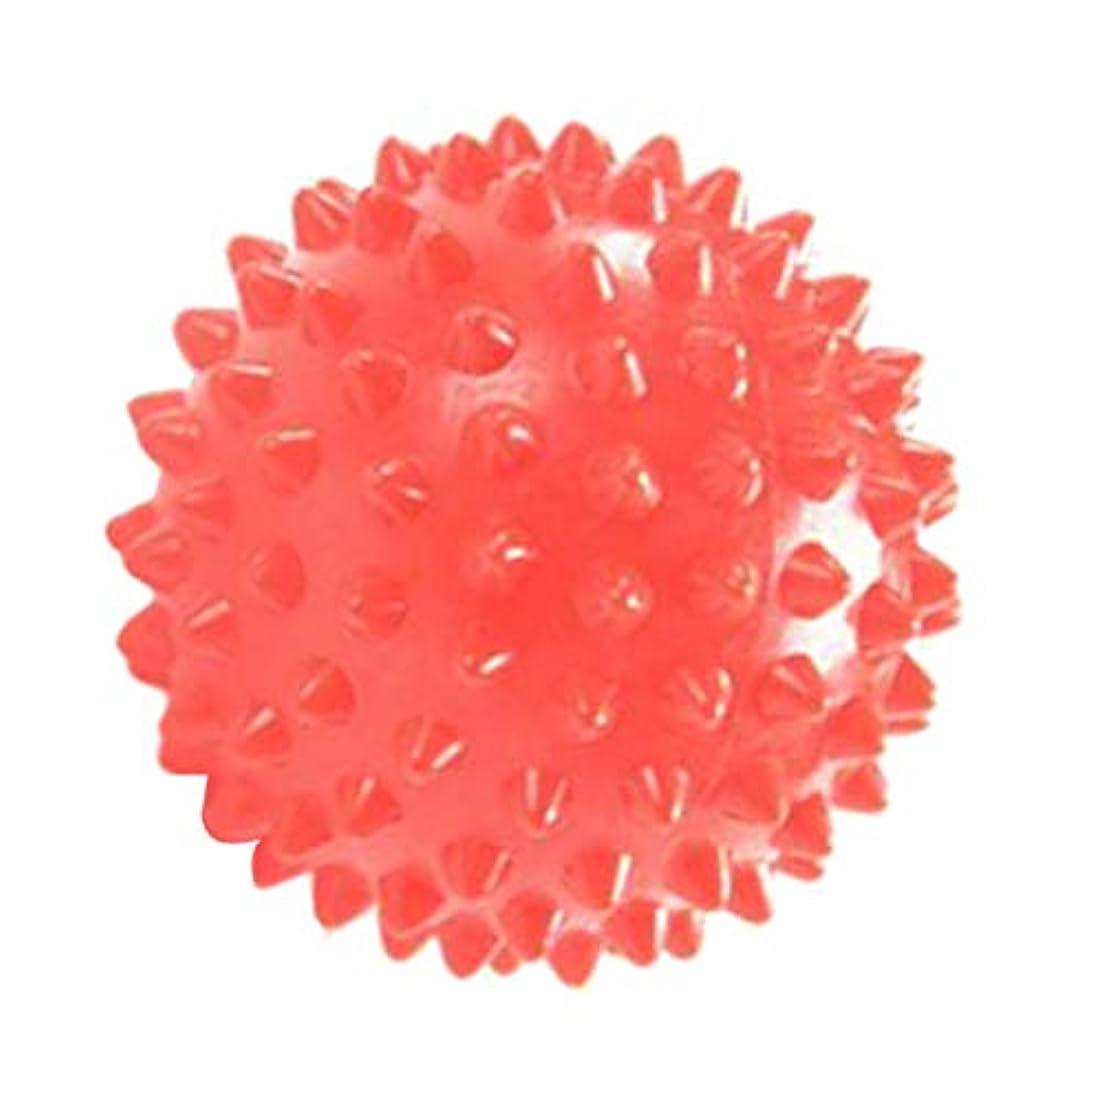 困惑するリットル青dailymall マッサージボール 触覚ボール リフレクションボール 指圧ボール ツボ押し 筋膜リリースヨガ 7cm